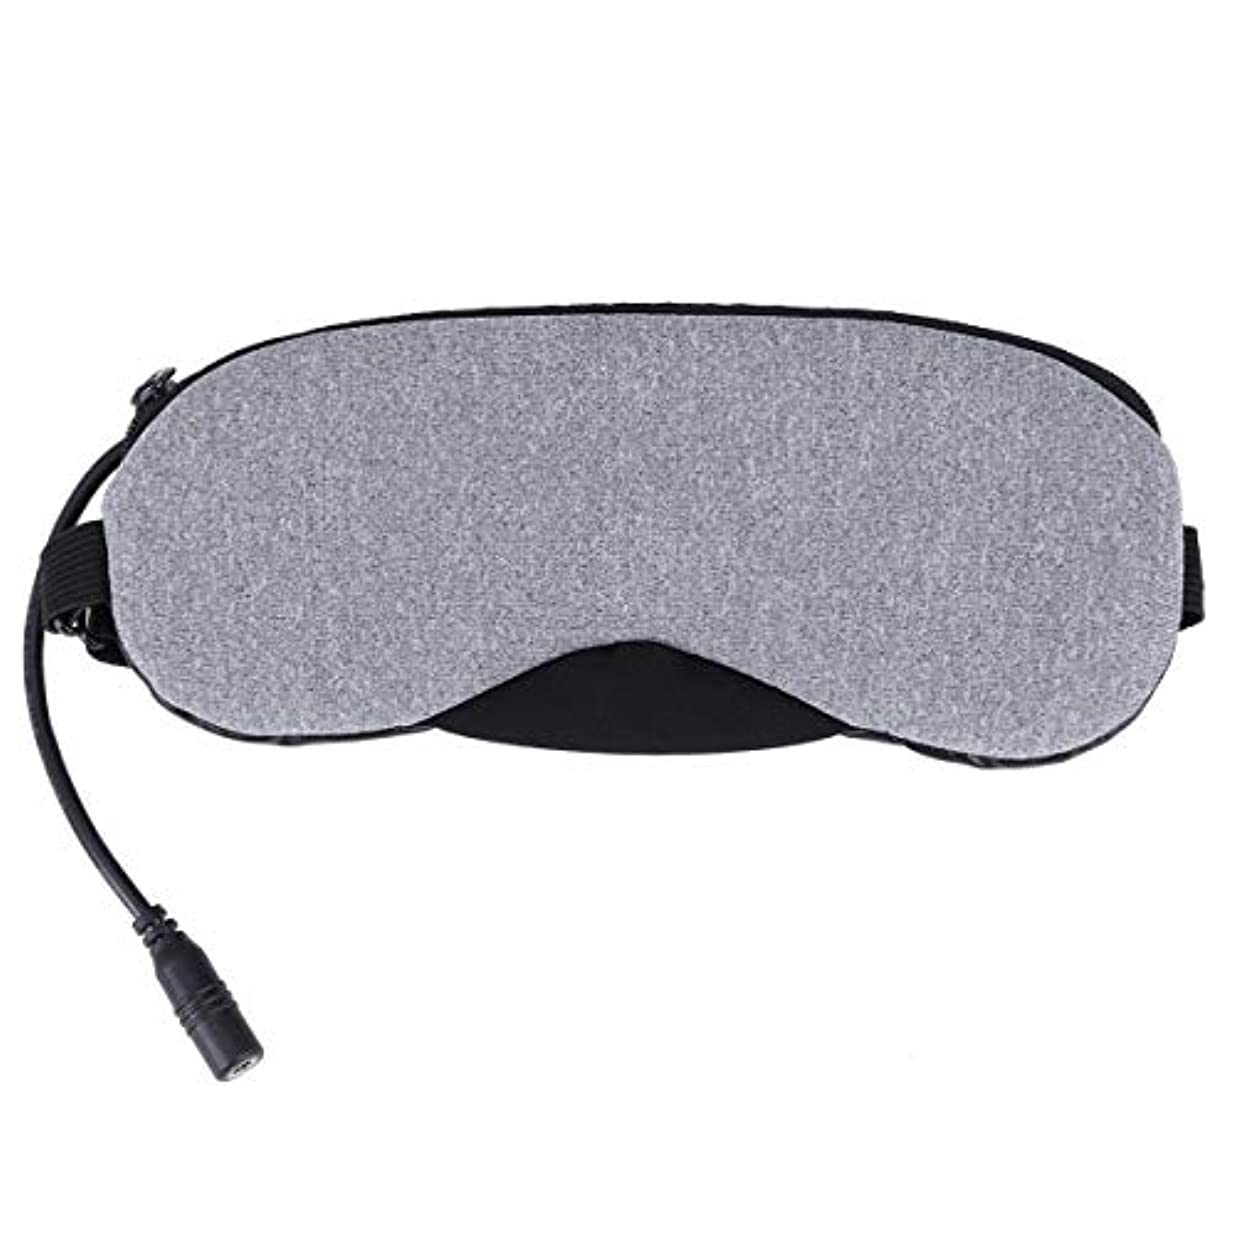 ヒープベーコン消化器Heallily アイマスクusbスチームアイマスク加熱マスクソフト調節可能な目隠し